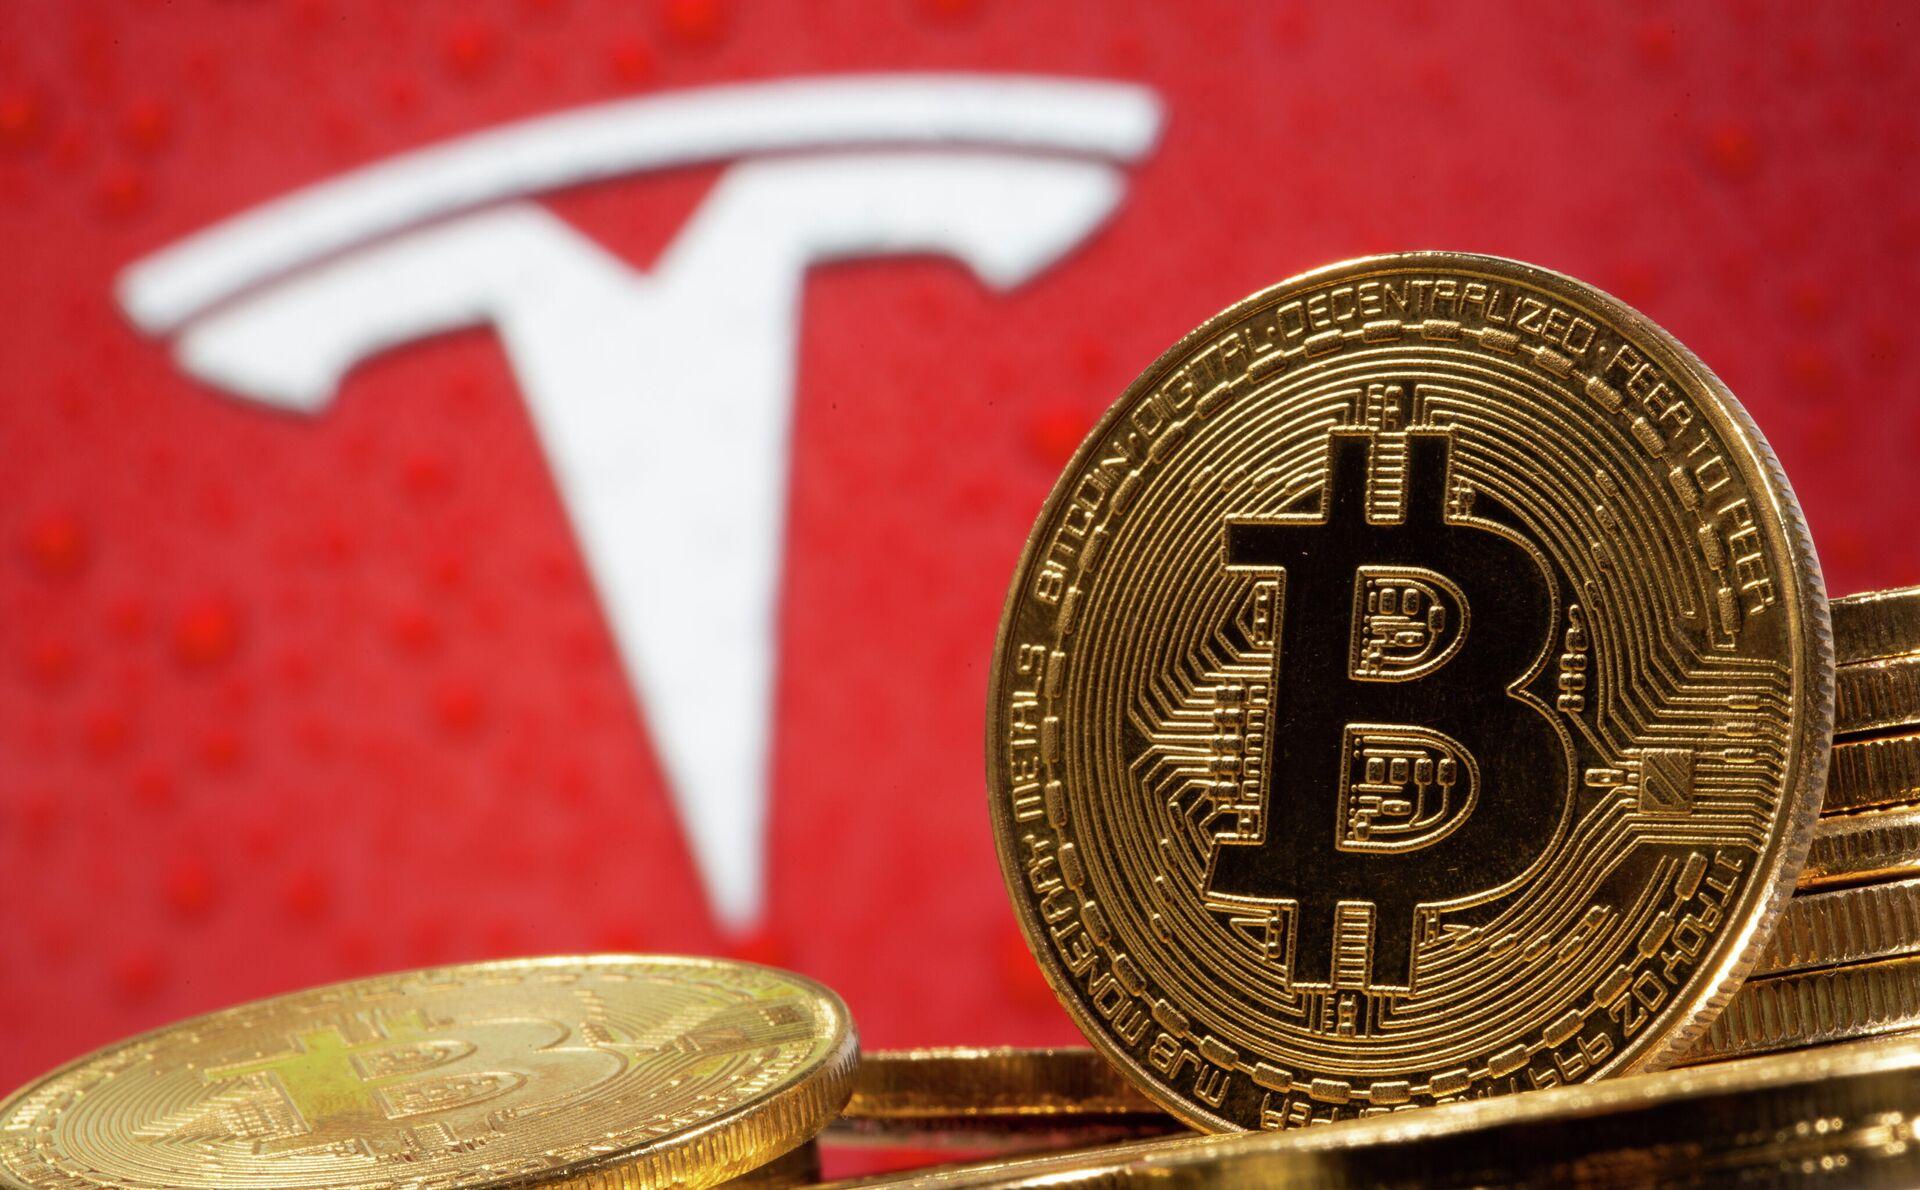 Криптовалюта биткоин на фоне иллюстрации с логотипом Tesla - РИА Новости, 1920, 24.02.2021